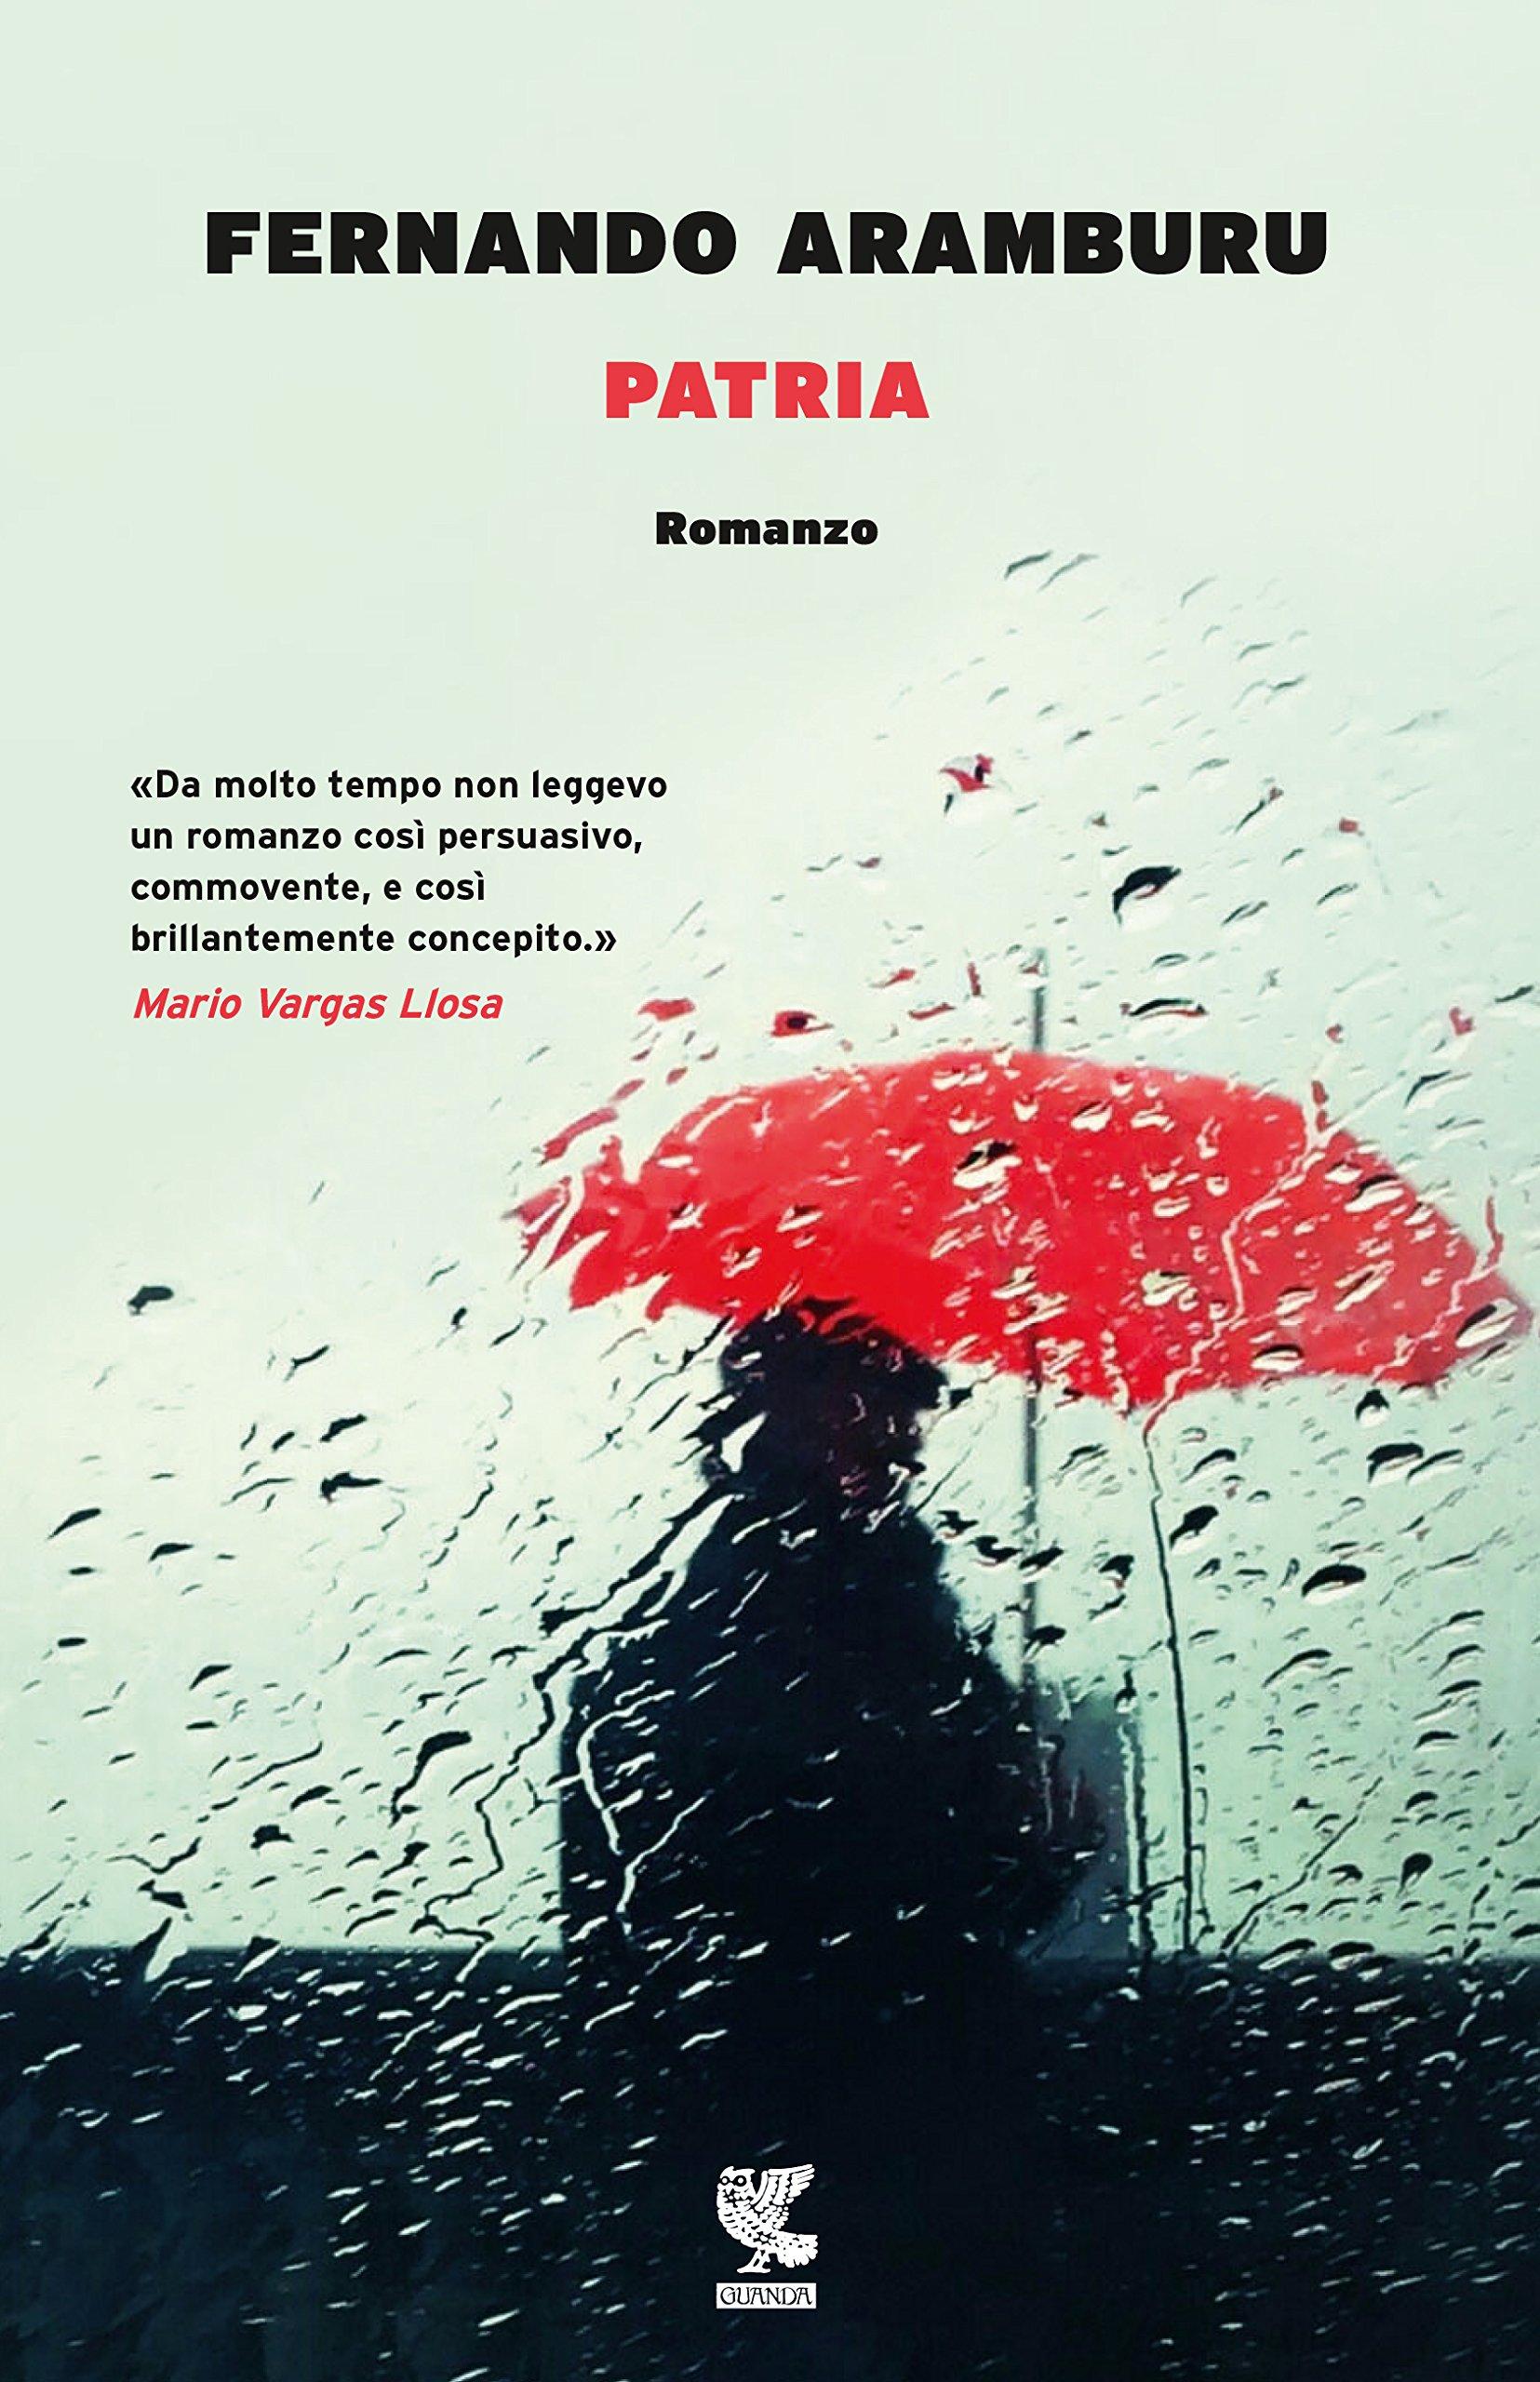 Patria (Italiano) (Narratori della Fenice): Amazon.es: Fernando Aramburu, B. Arpaia: Libros en idiomas extranjeros